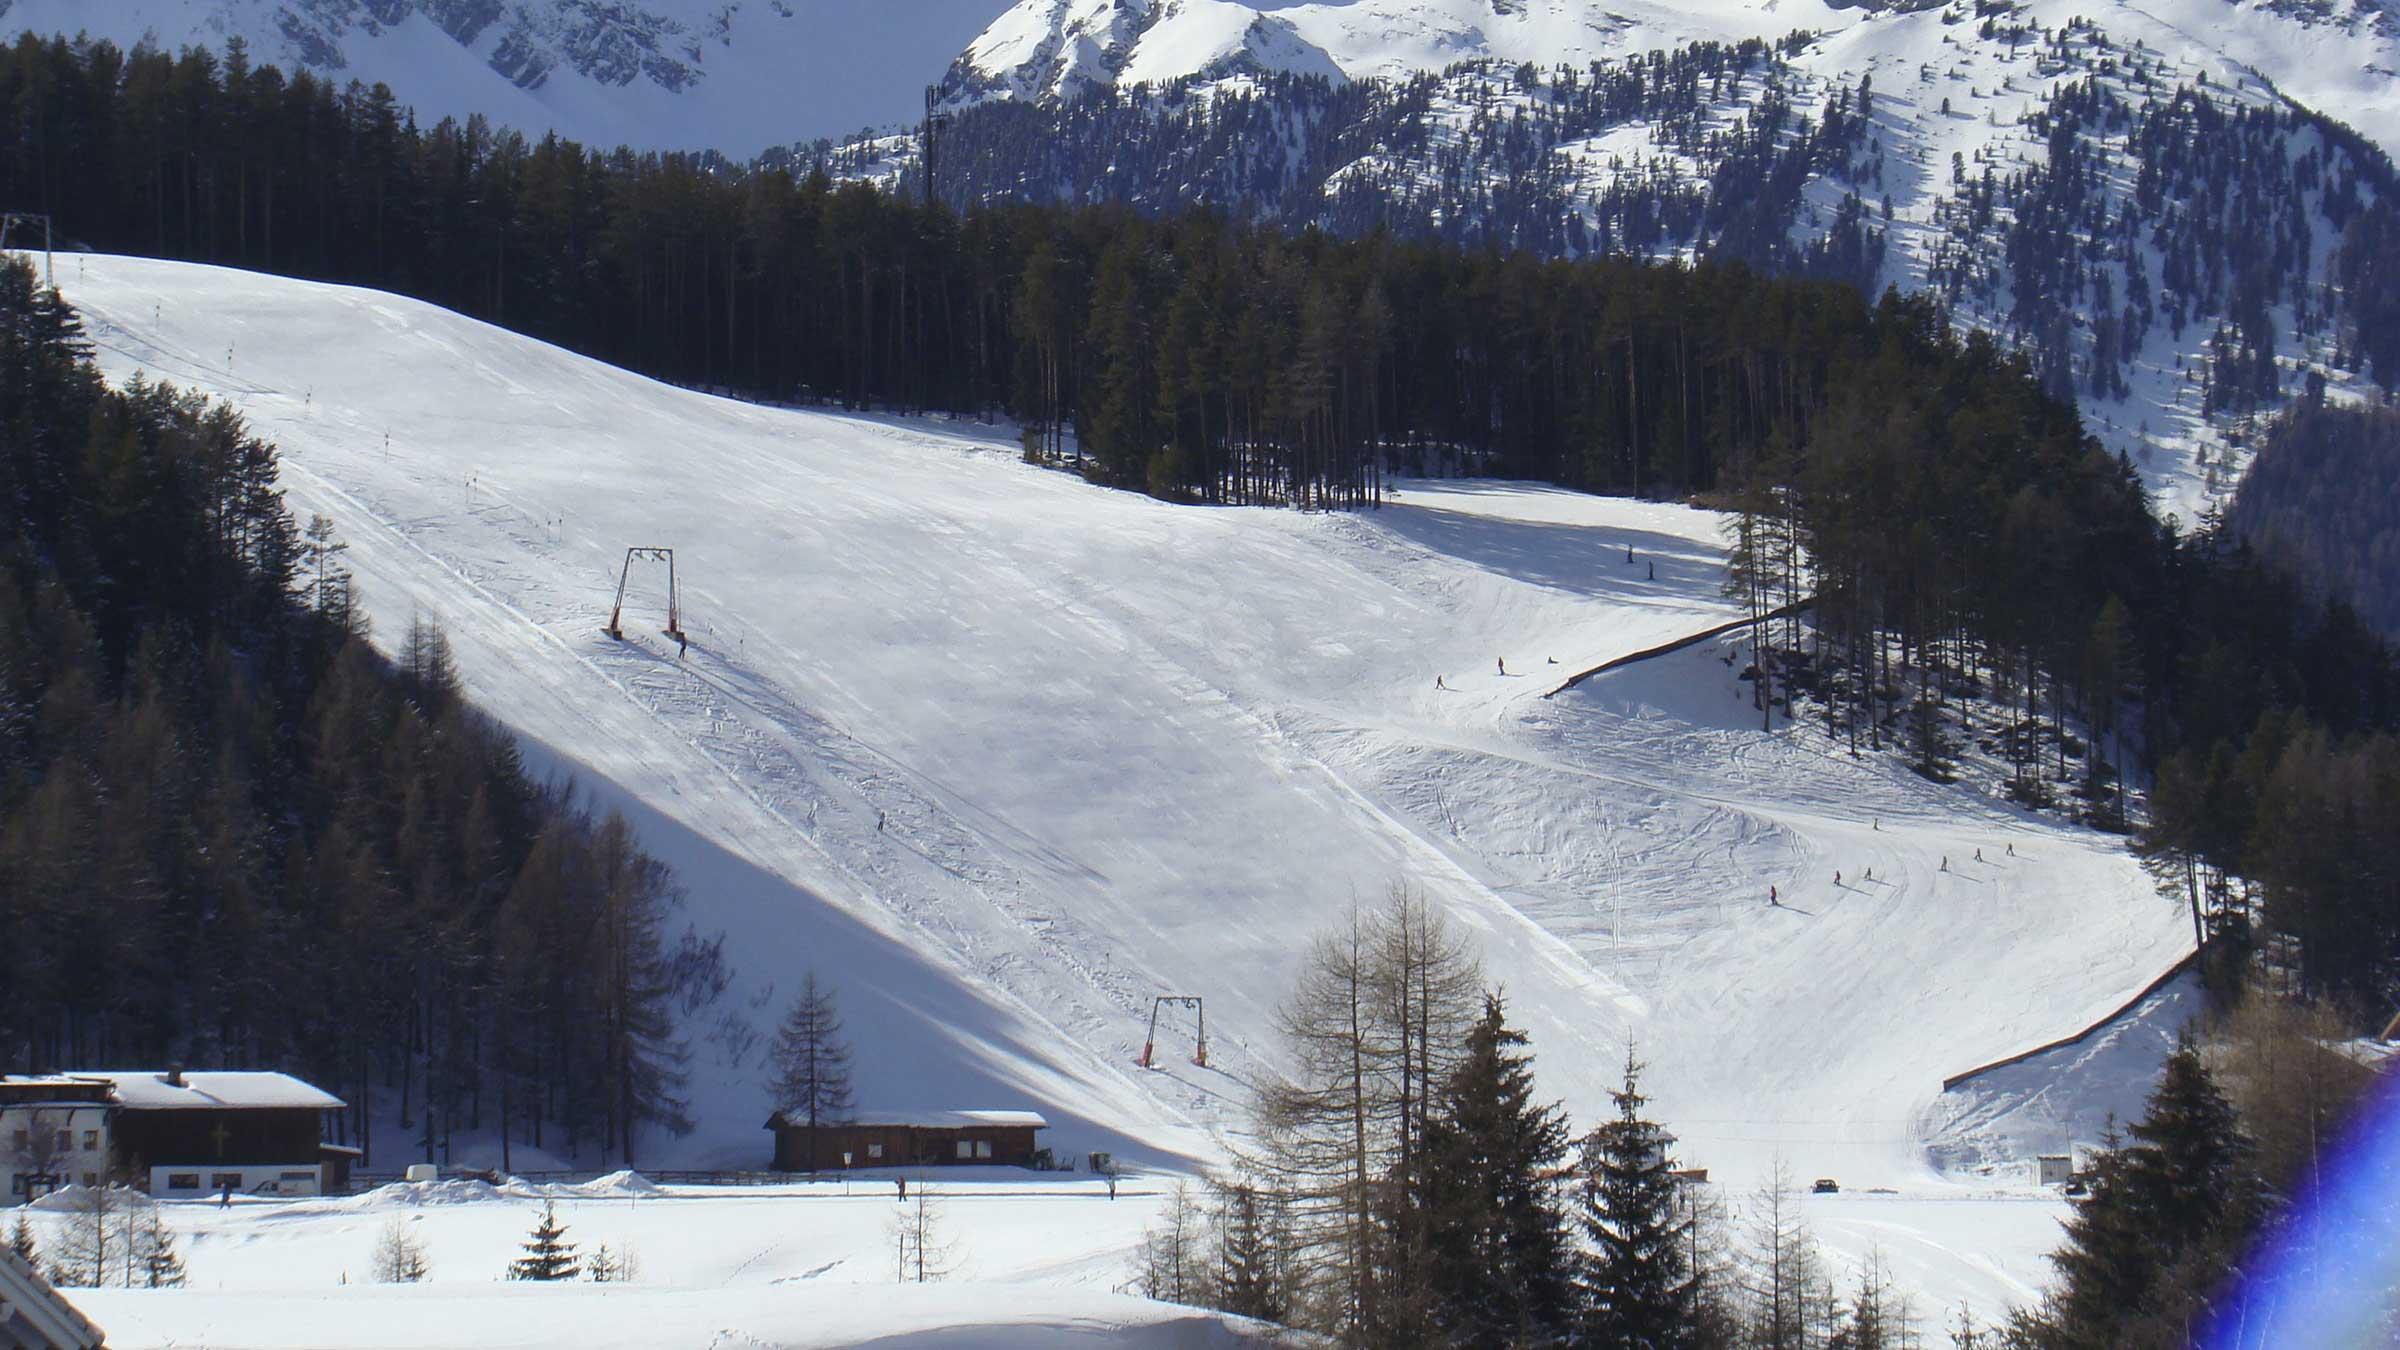 Skigebiet Niederthai - Die kleinen Skigebiete im Ötztal